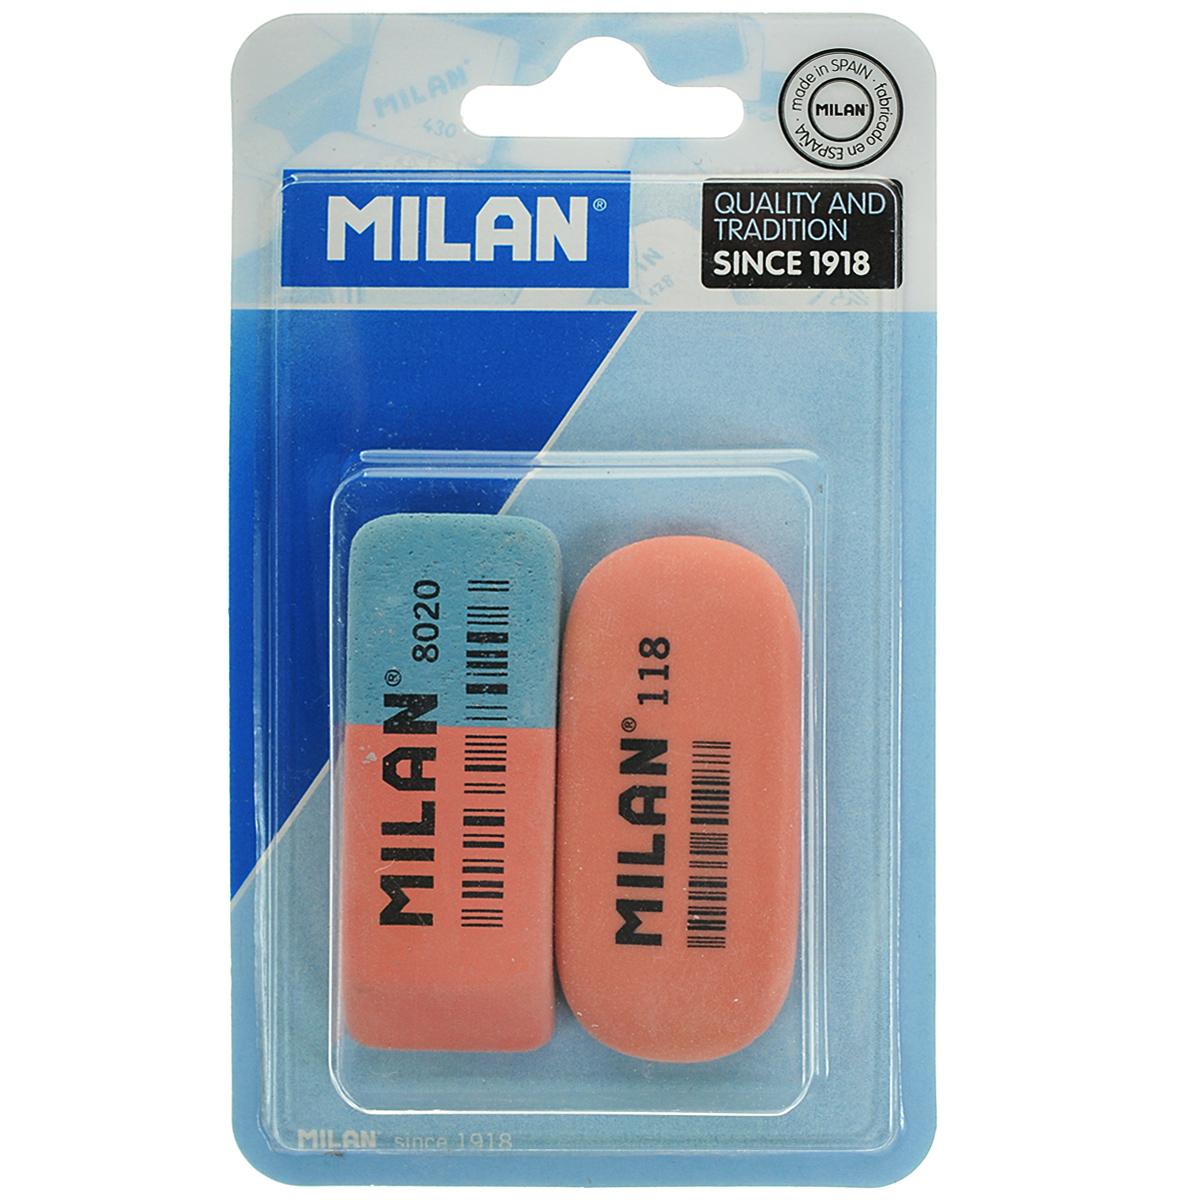 Набор ластиков Milan, 2 шт. 8020+118//9216FS-36055Ластики из набора Milan предназначены для стирания карандашей и чернил с бумаги различной плотности. Один из ластиков - натуральный. Синяя сторона другого ластика предназначена для работы с цветными пигментами и чернилами, красная - для графитовых надписей.В комплекте два ластика.